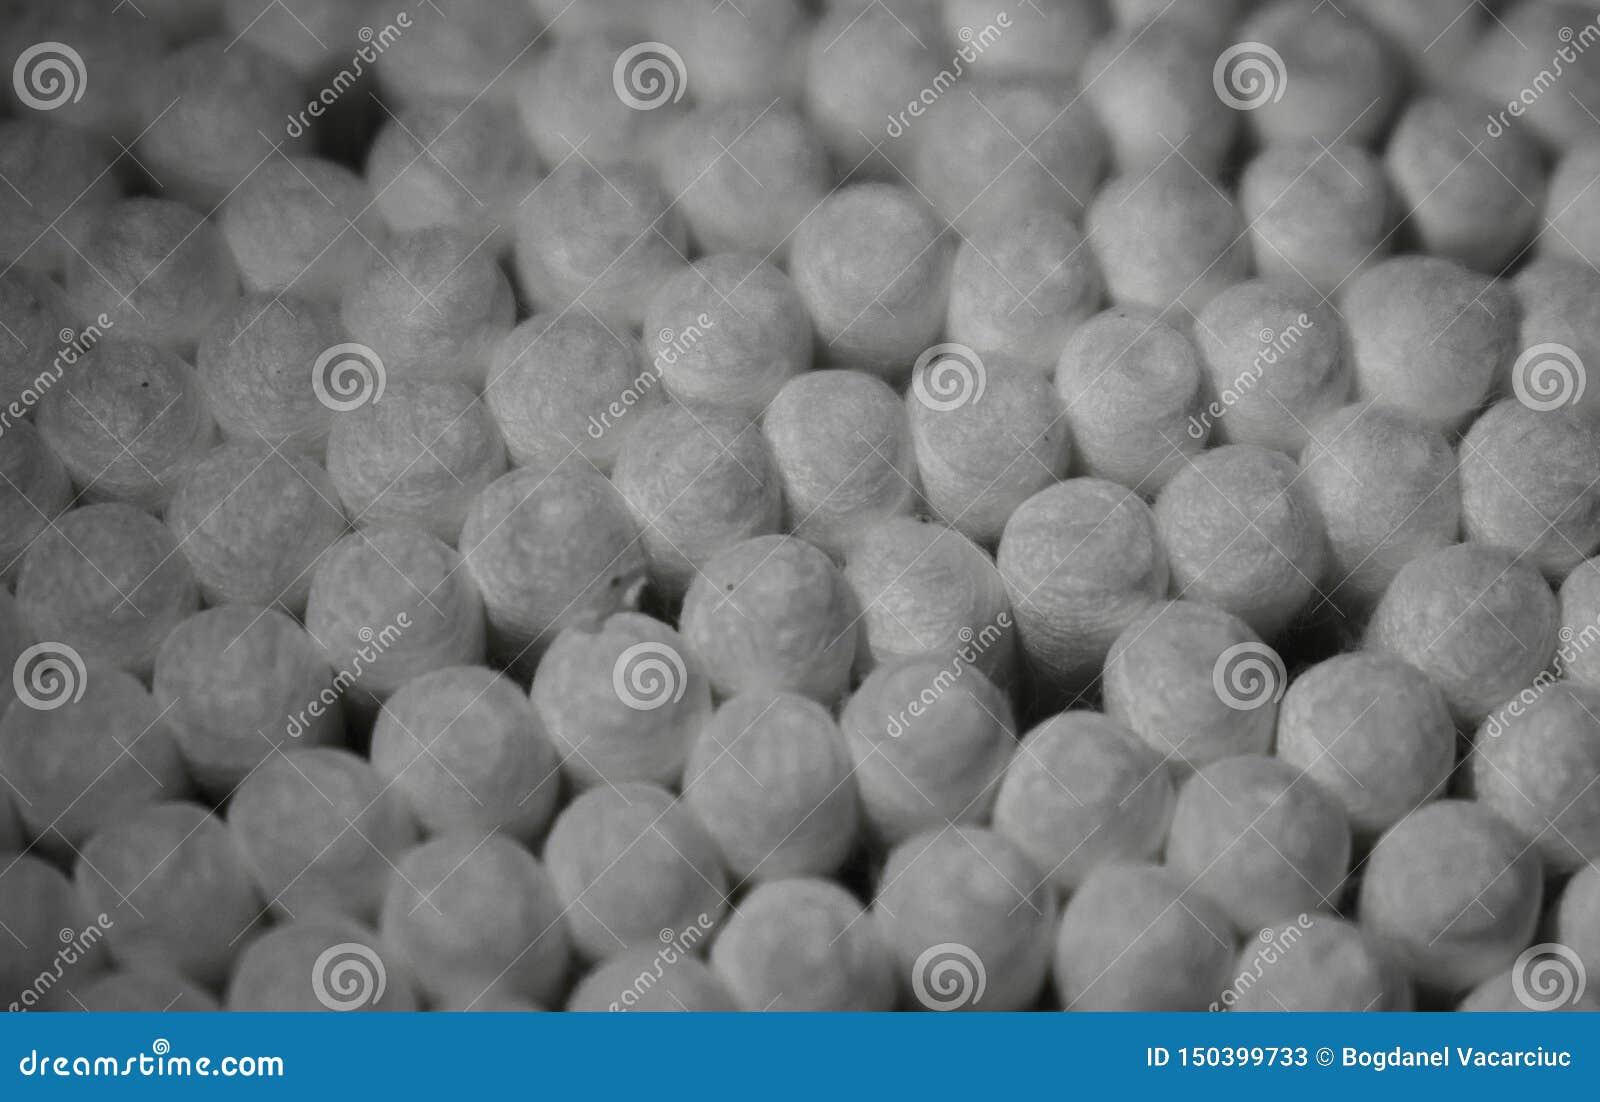 Objeto do algodão usado limpando as orelhas, cosméticos e umas outras coisas